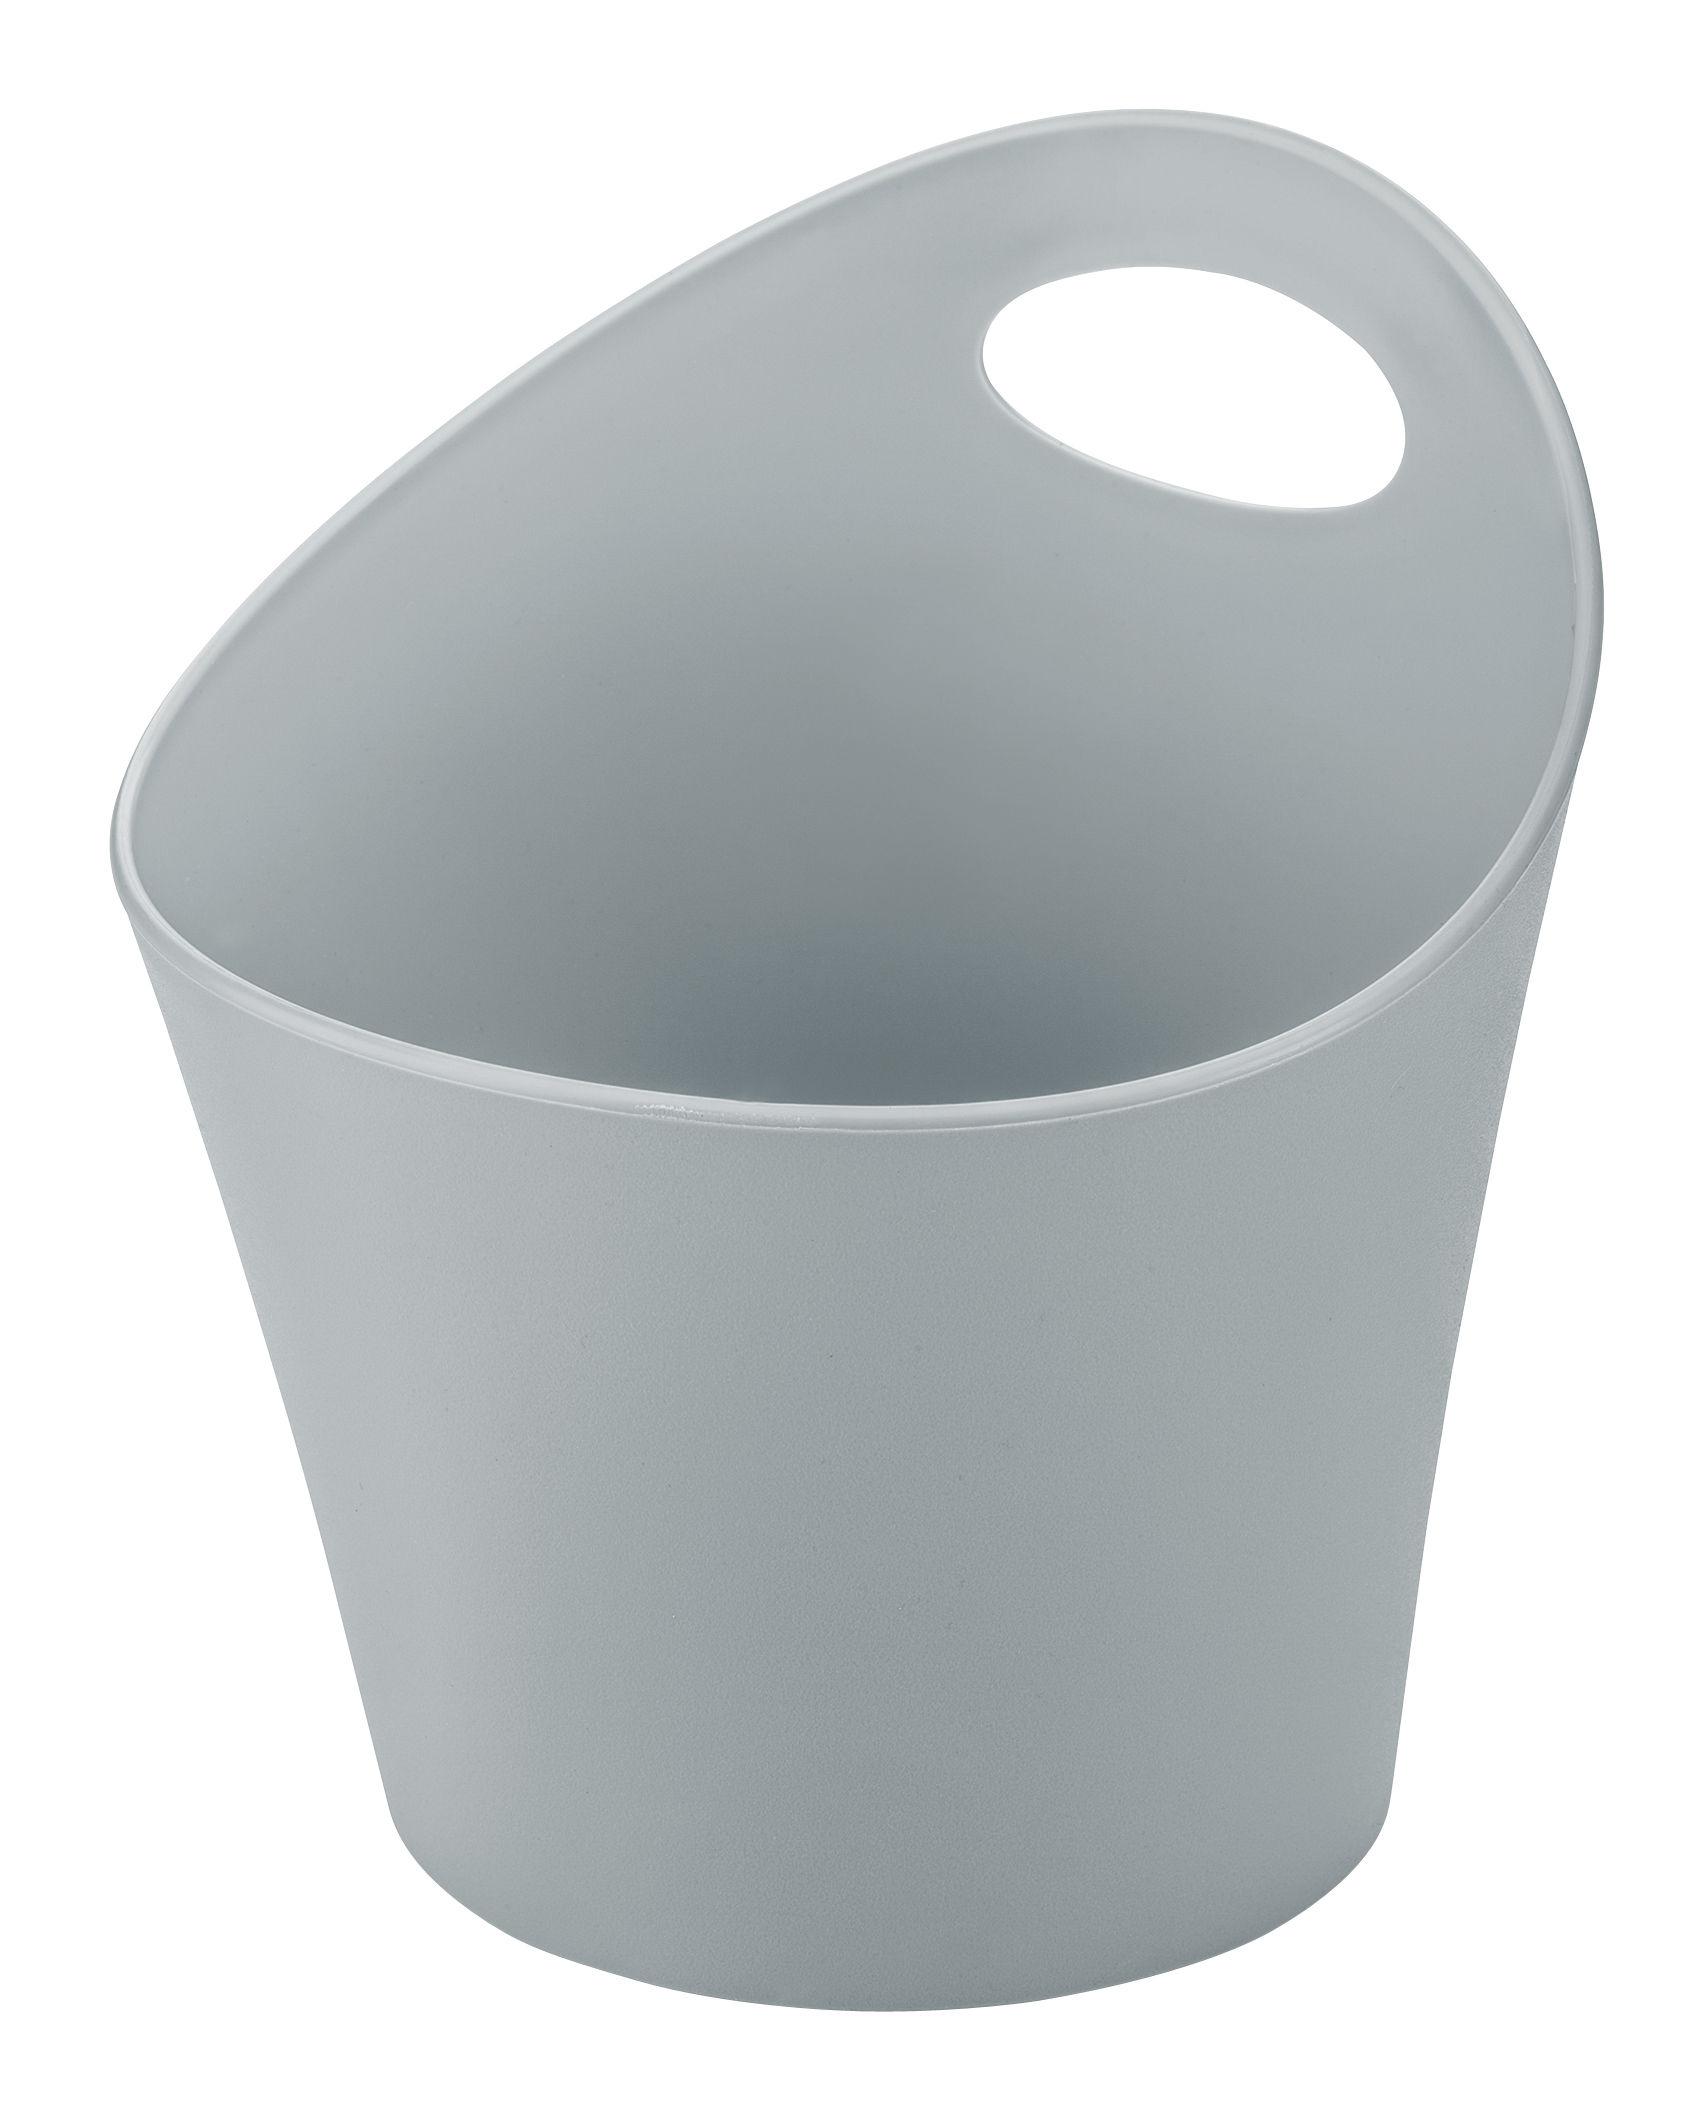 Outdoor - Pots et plantes - Pot Pottichelli M / Ø 17 x H 15 cm - Koziol - Gris clair - PMMA